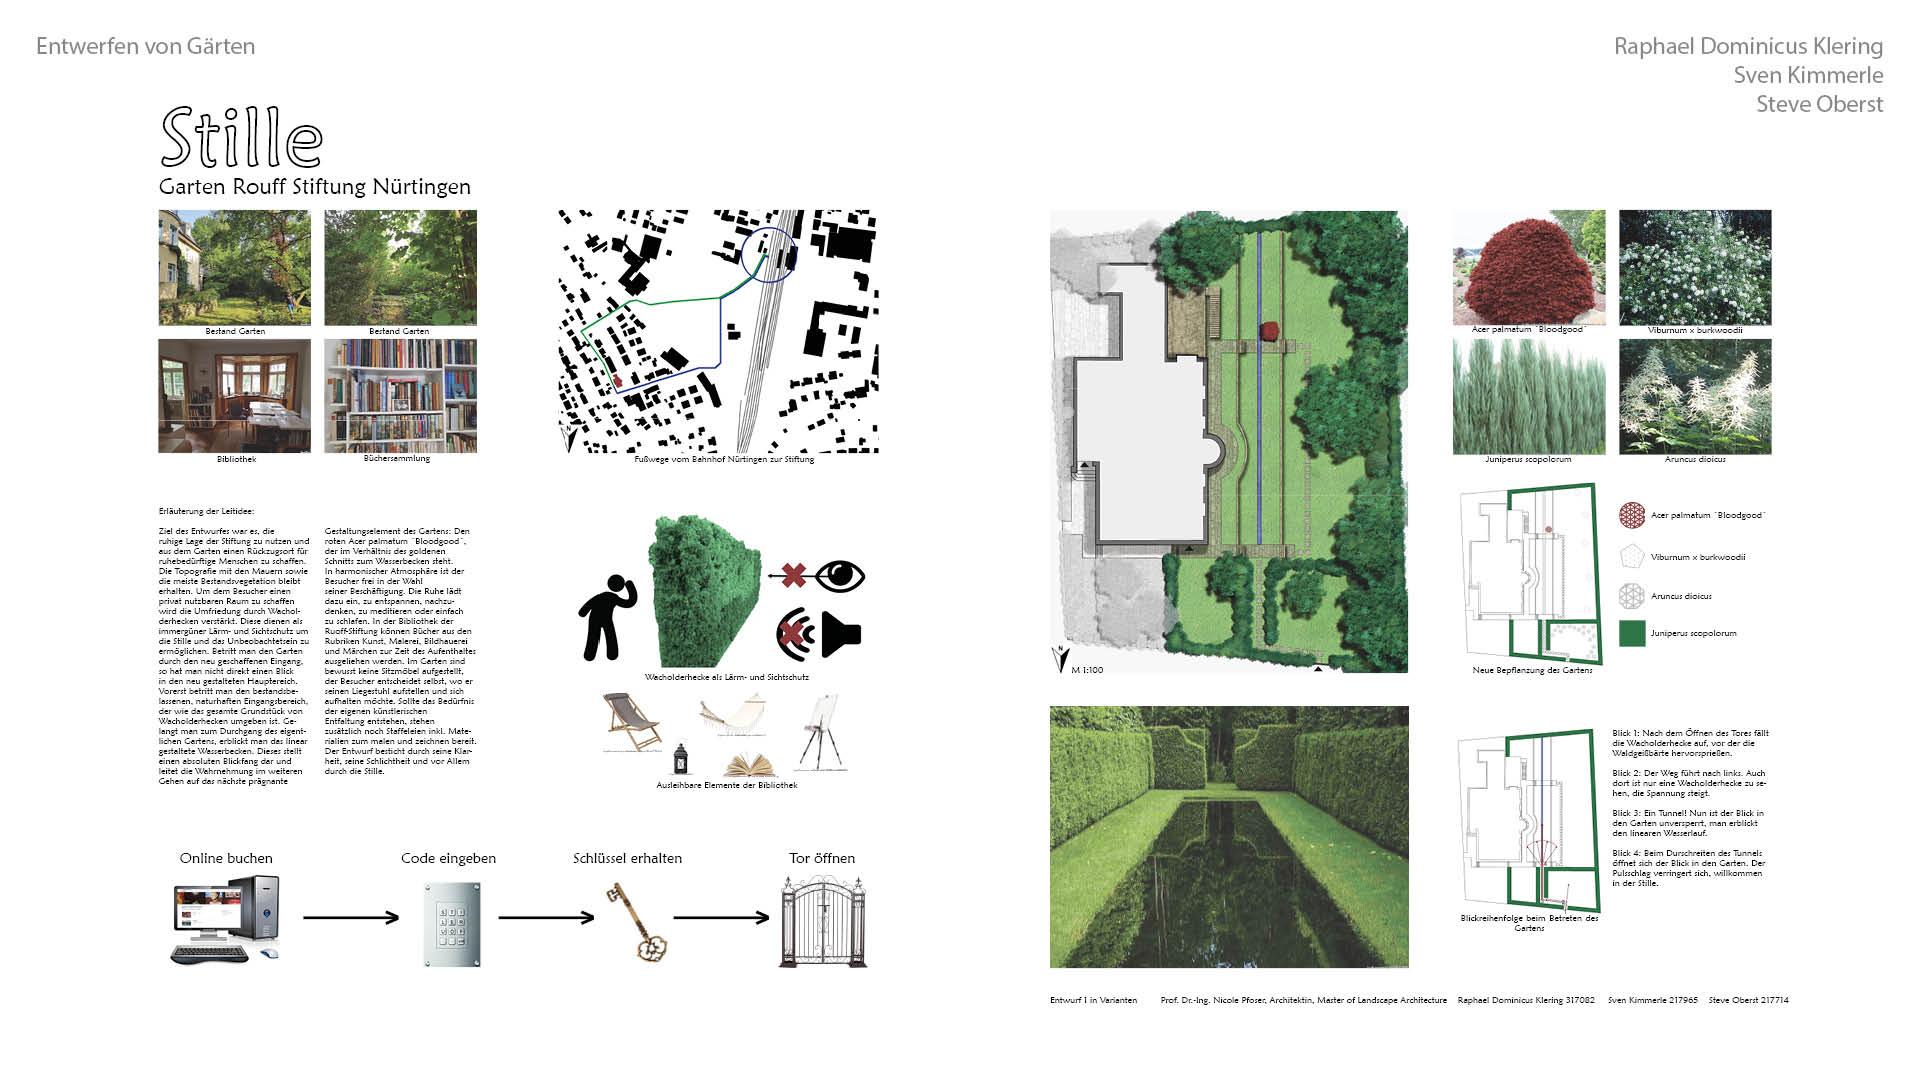 06 17 2 Entwerfen Von Gärten